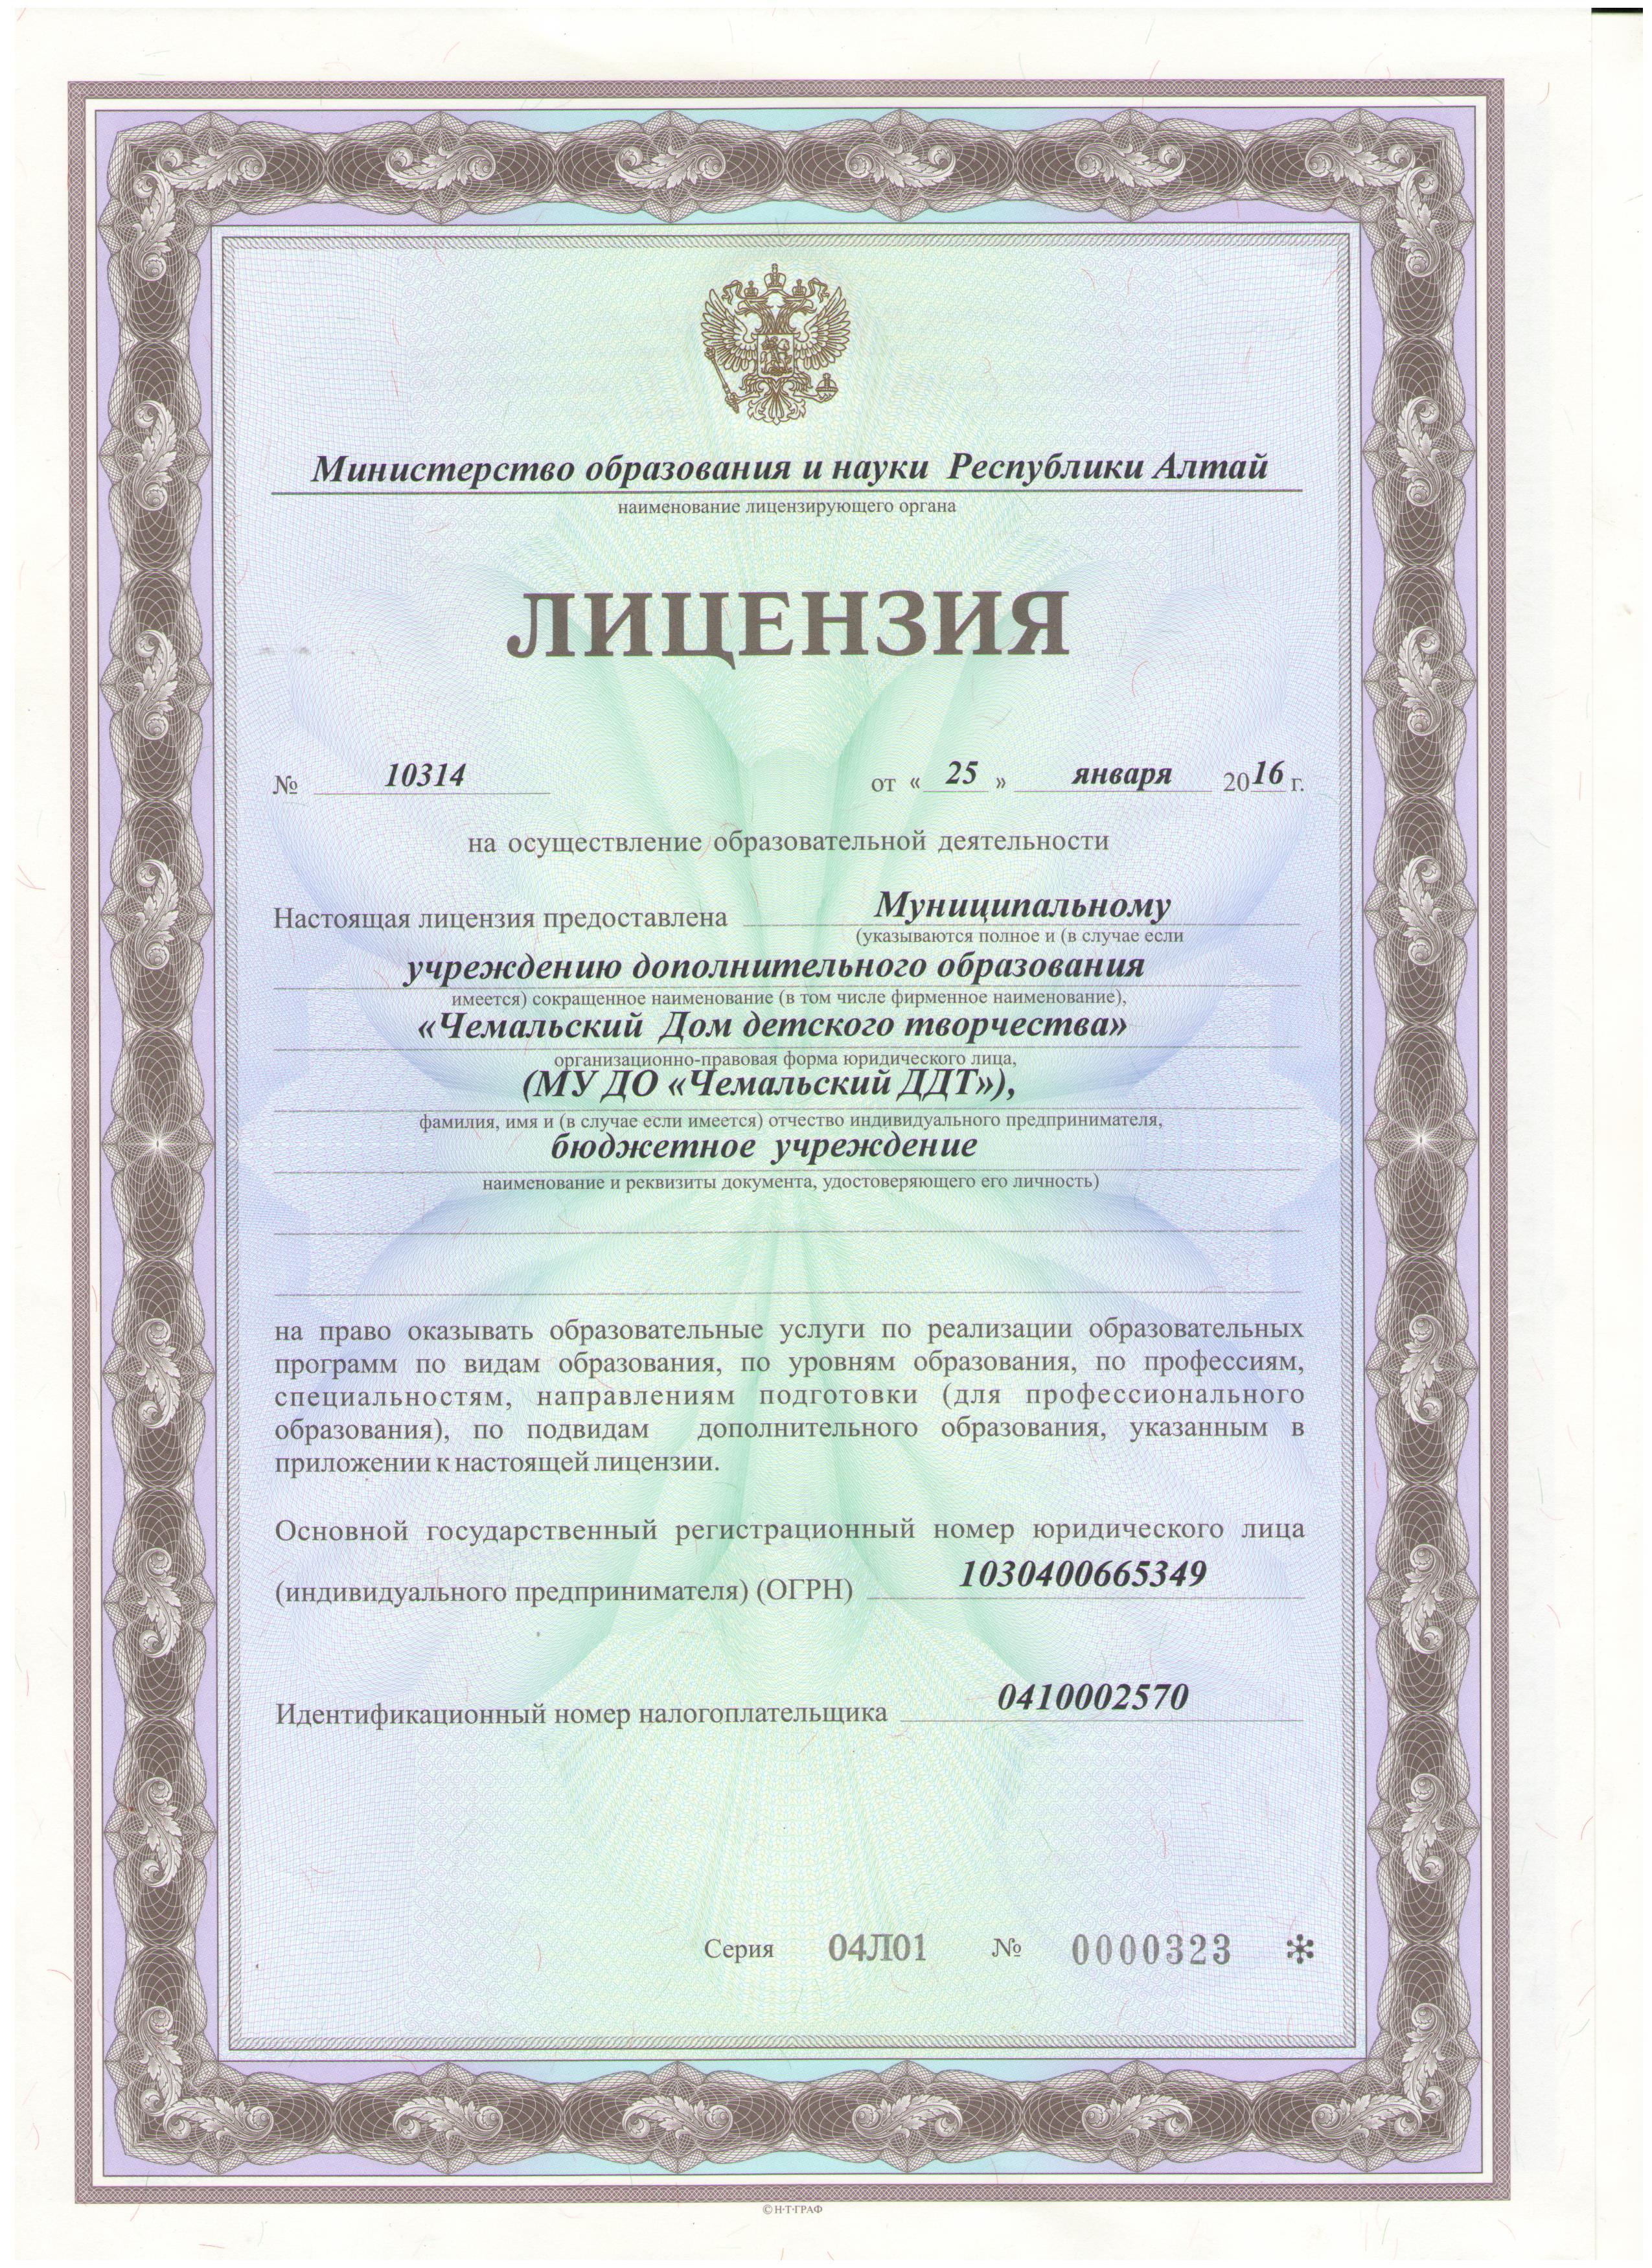 лицензия-001